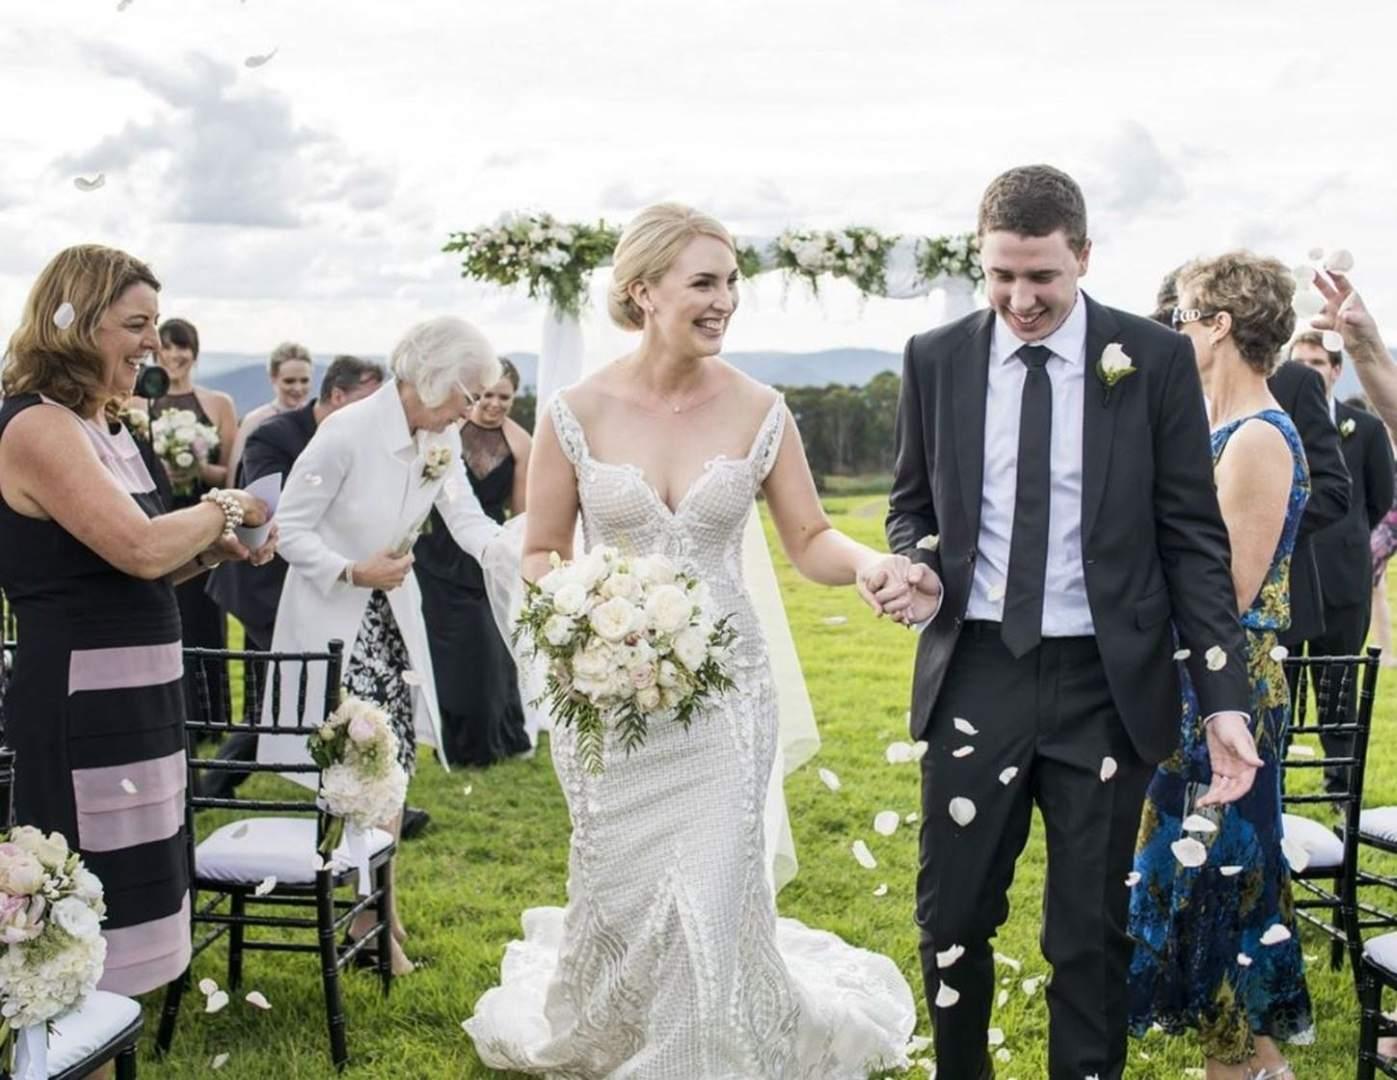 Wedding Venue - Spicers Peak Lodge 13 on Veilability